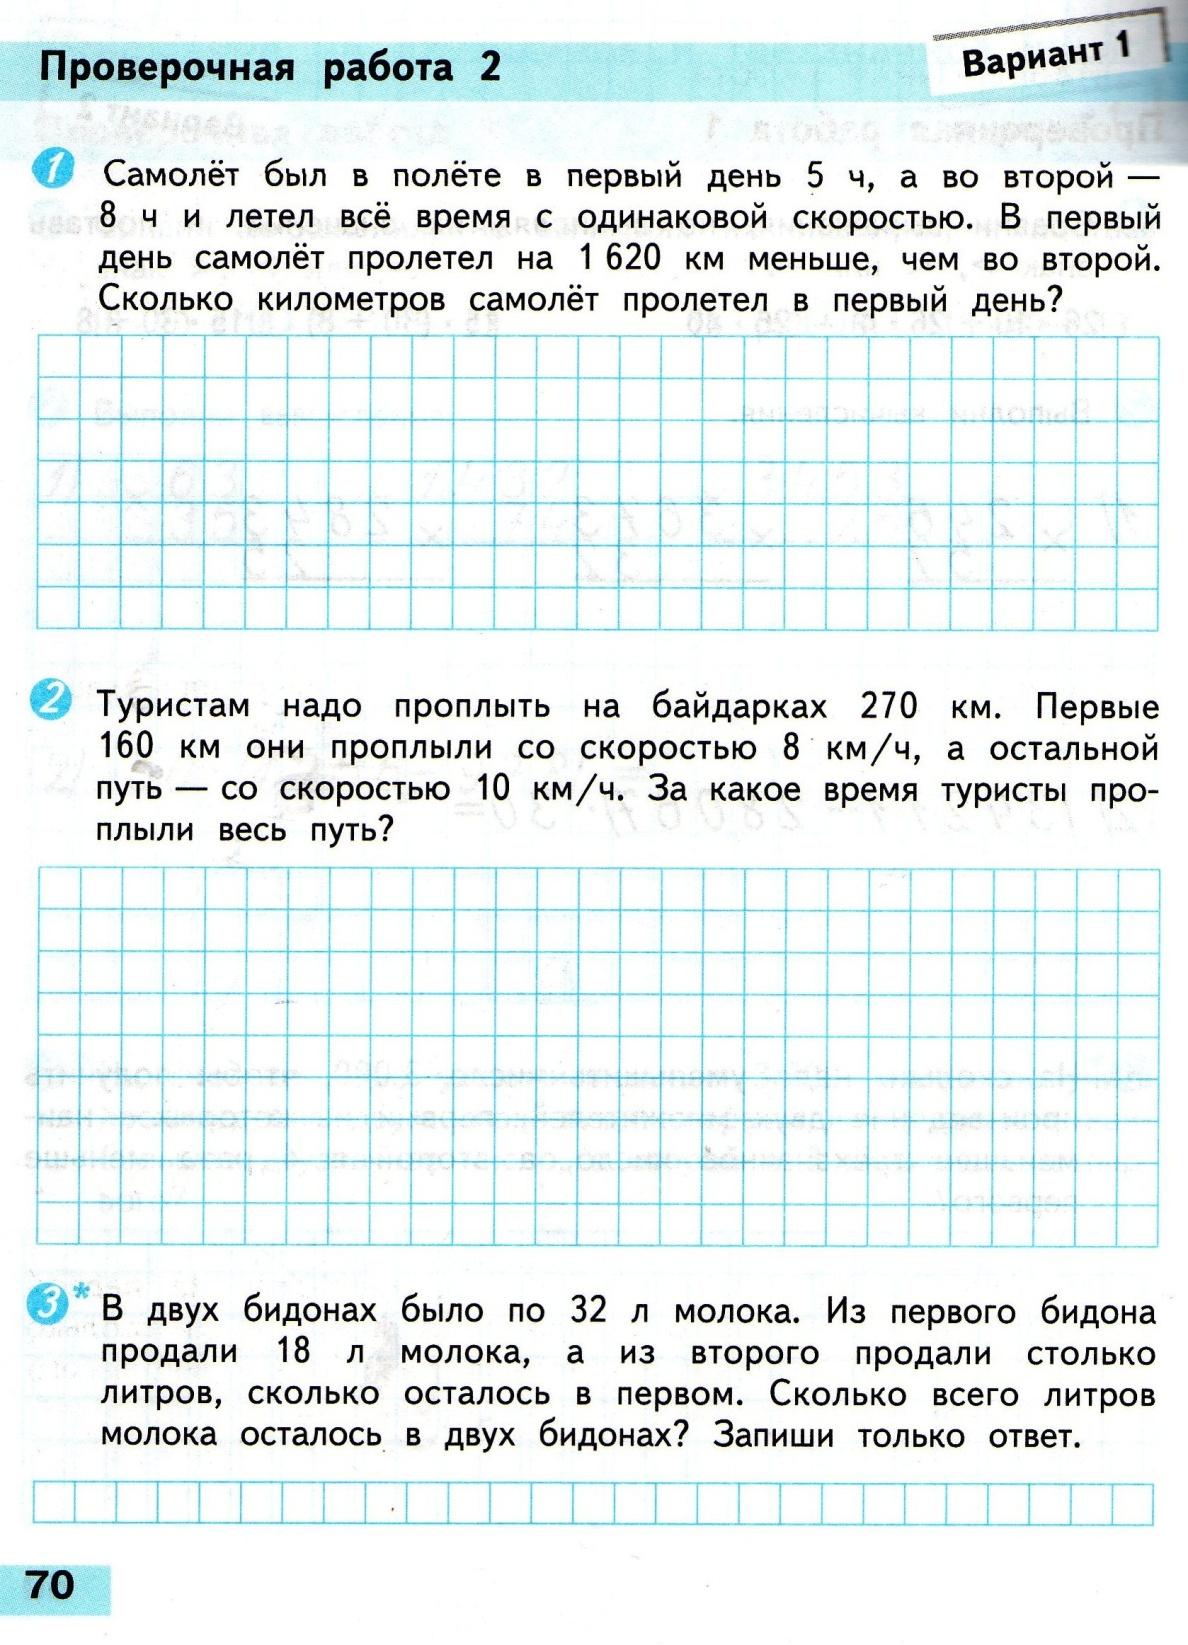 C:\Documents and Settings\Admin\Мои документы\Мои рисунки\1569.jpg